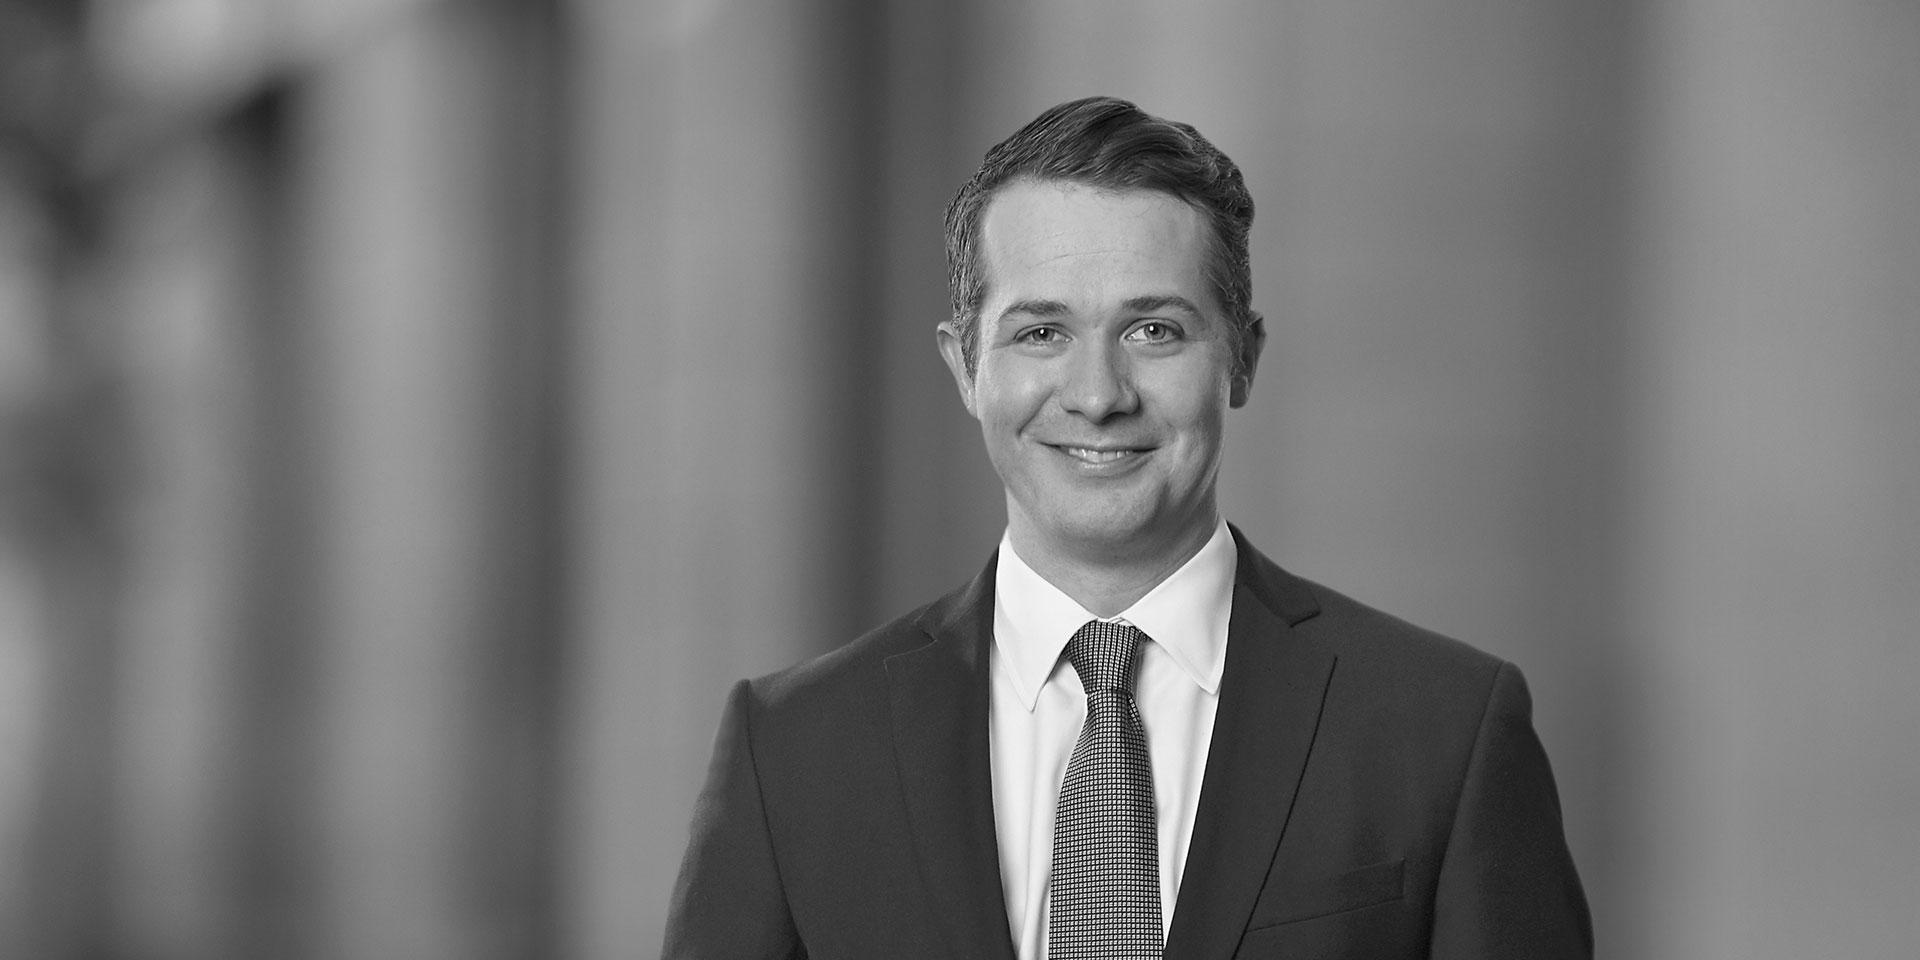 Ben von Maur